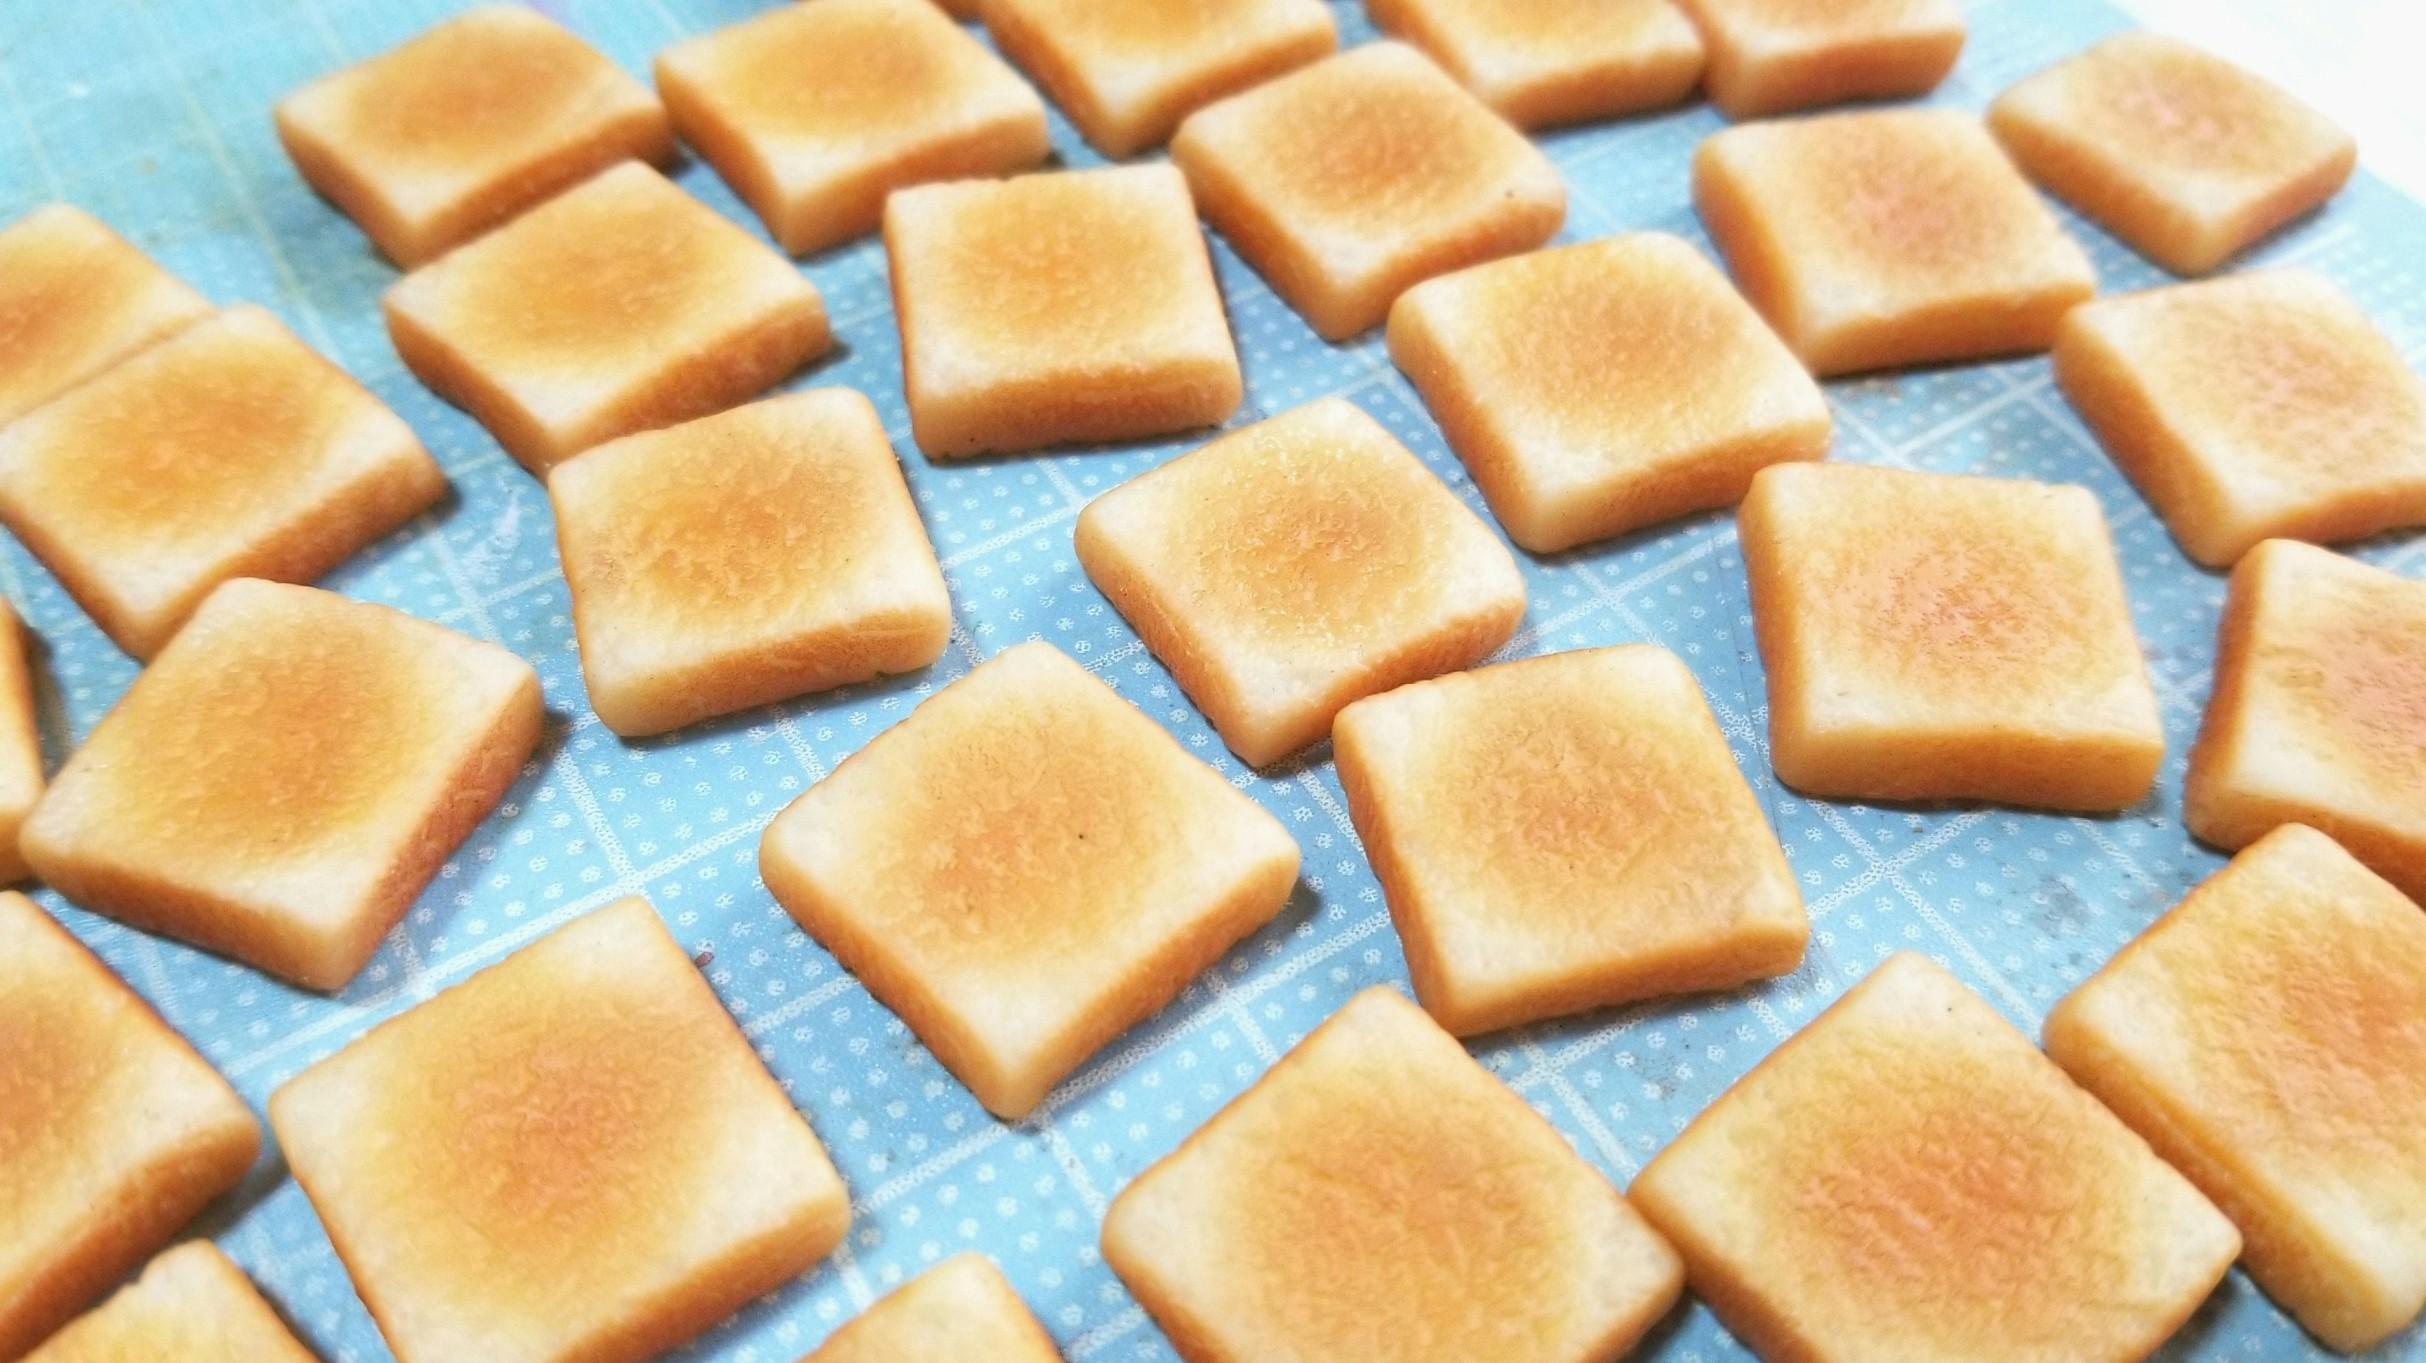 フェイクフードの食パン,トースト,ミニチュア,美味しい手作りパン